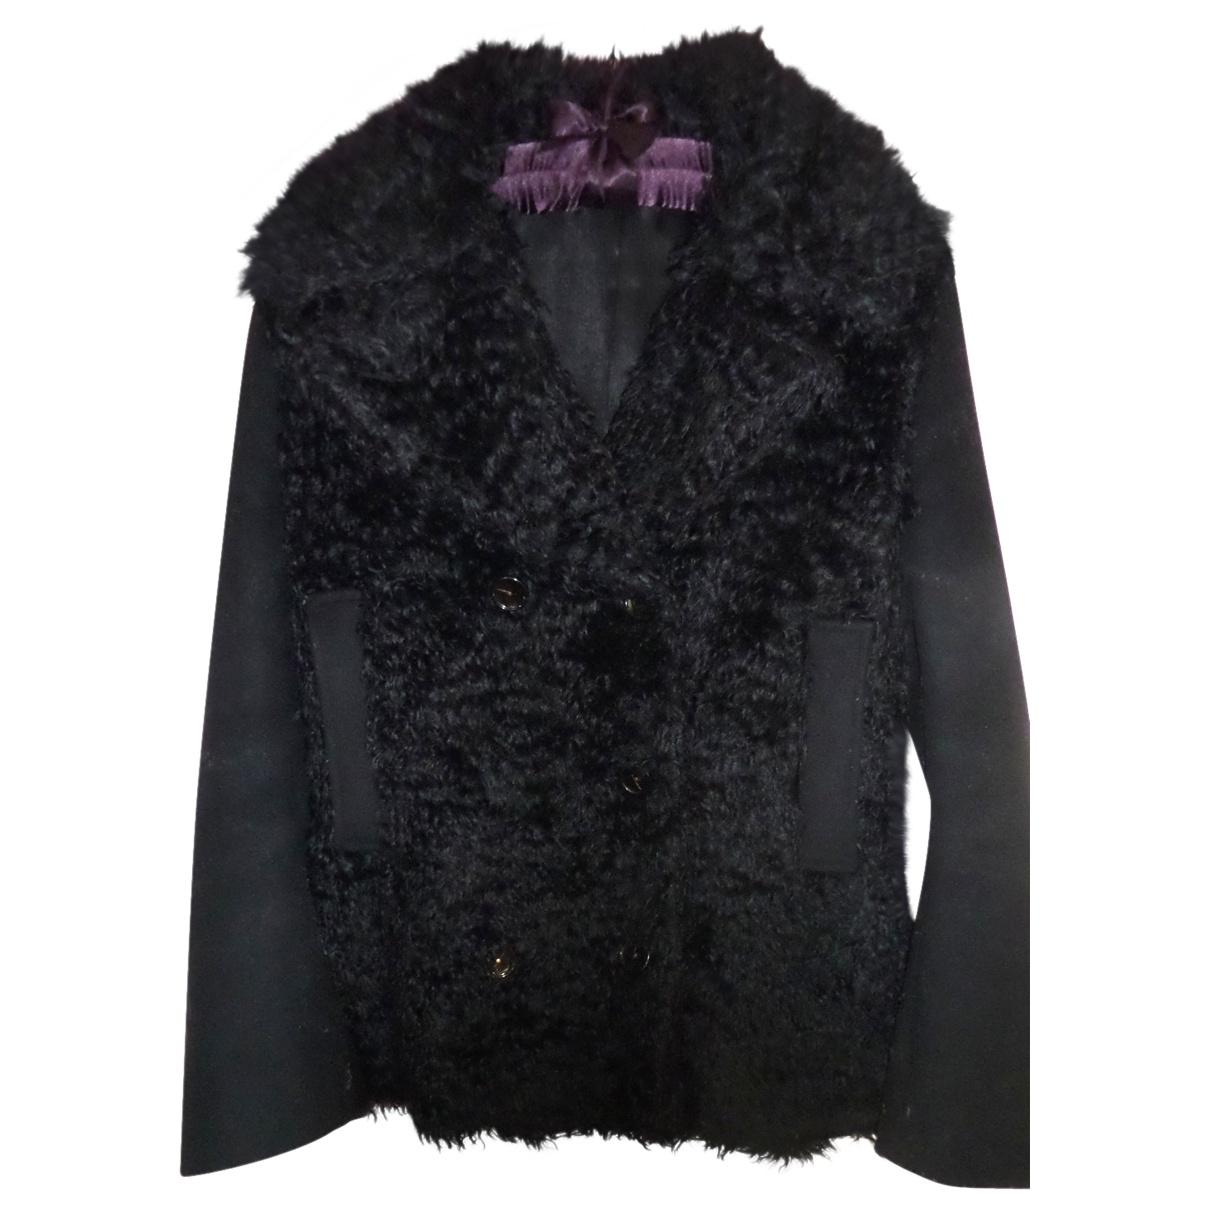 Acne Studios \N Black Wool coat for Women 34 FR